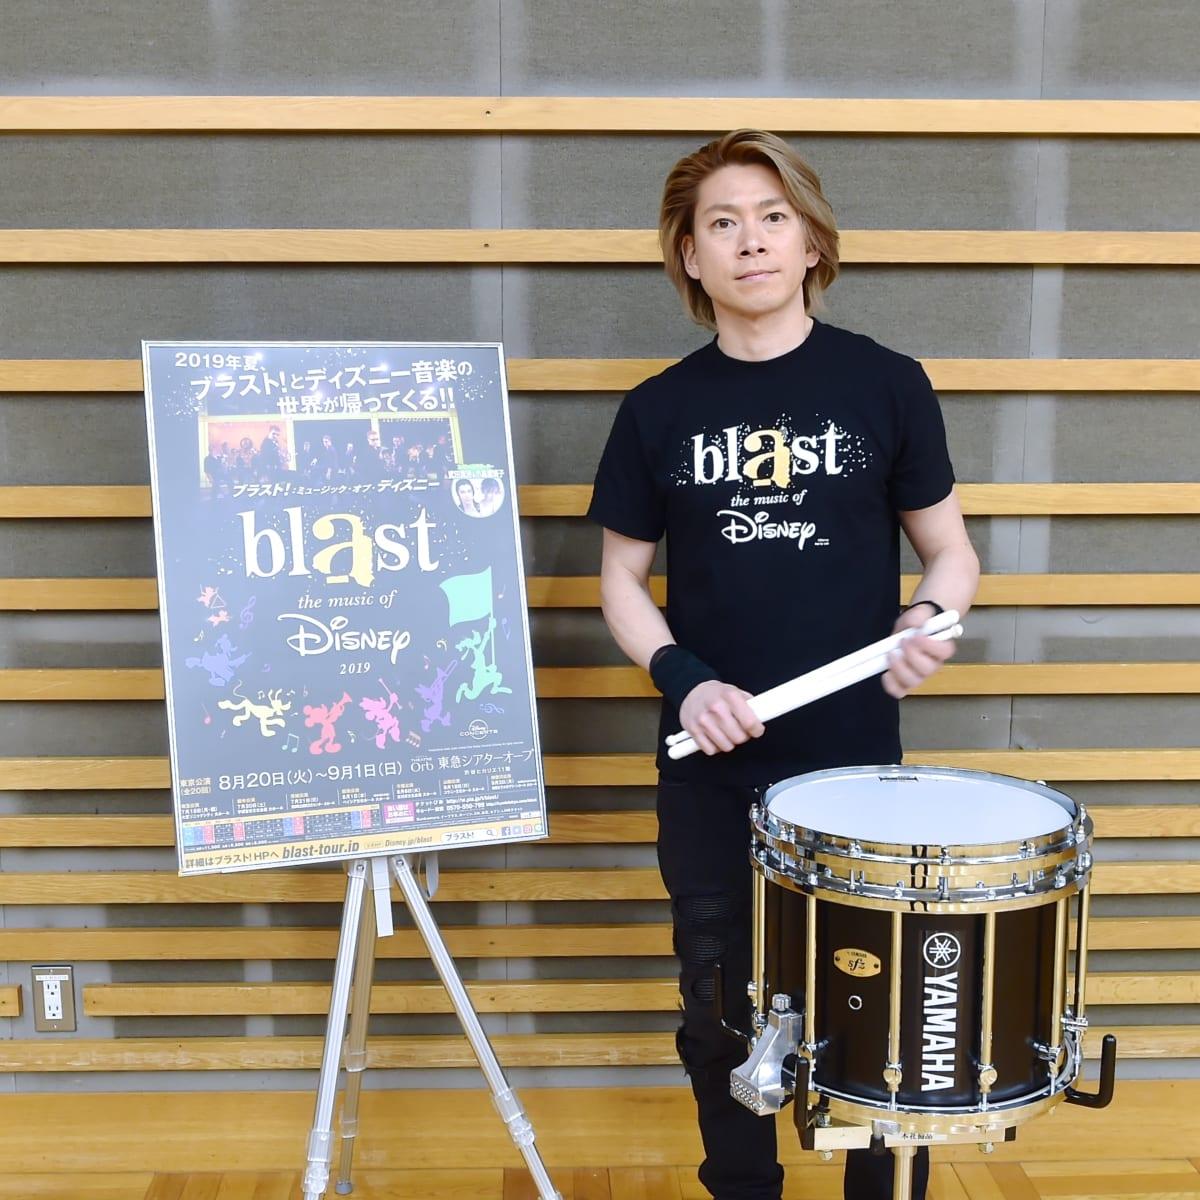 「ブラスト!:ミュージック・オブ・ディズニー2019」石川直さん4